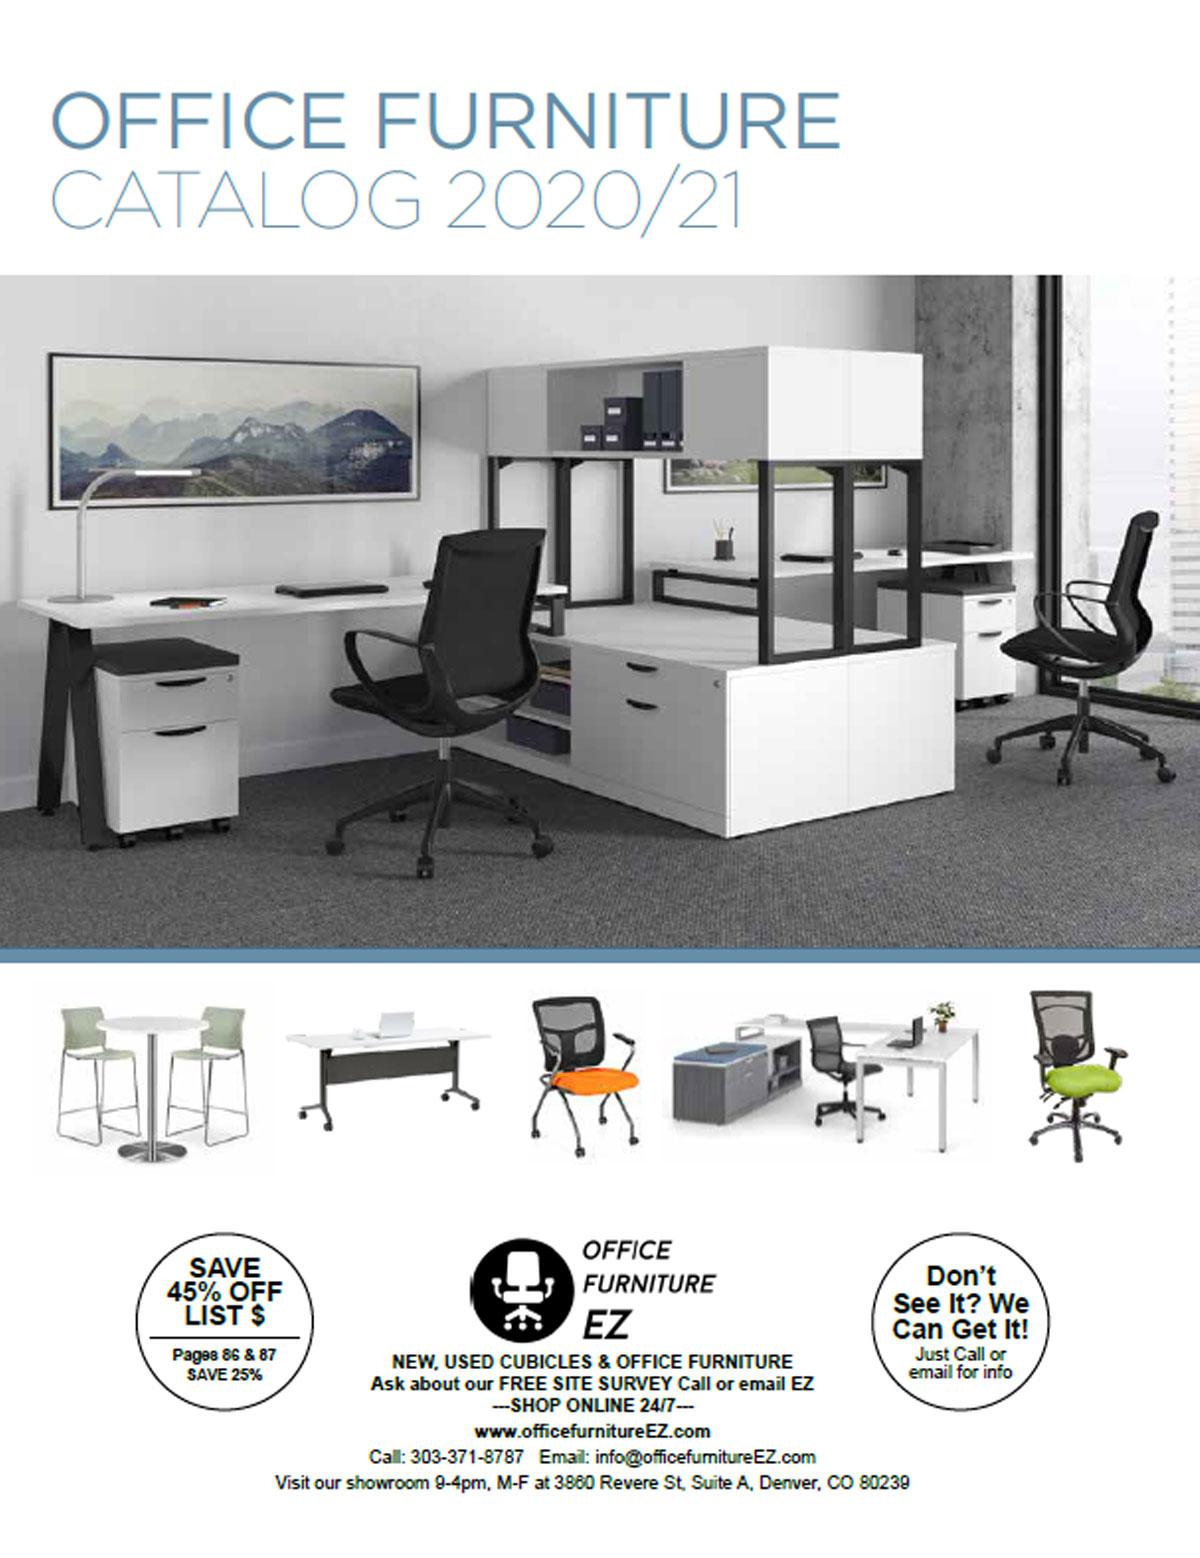 Office-Furniture-EZ-Denver-Catalog-2020-2021